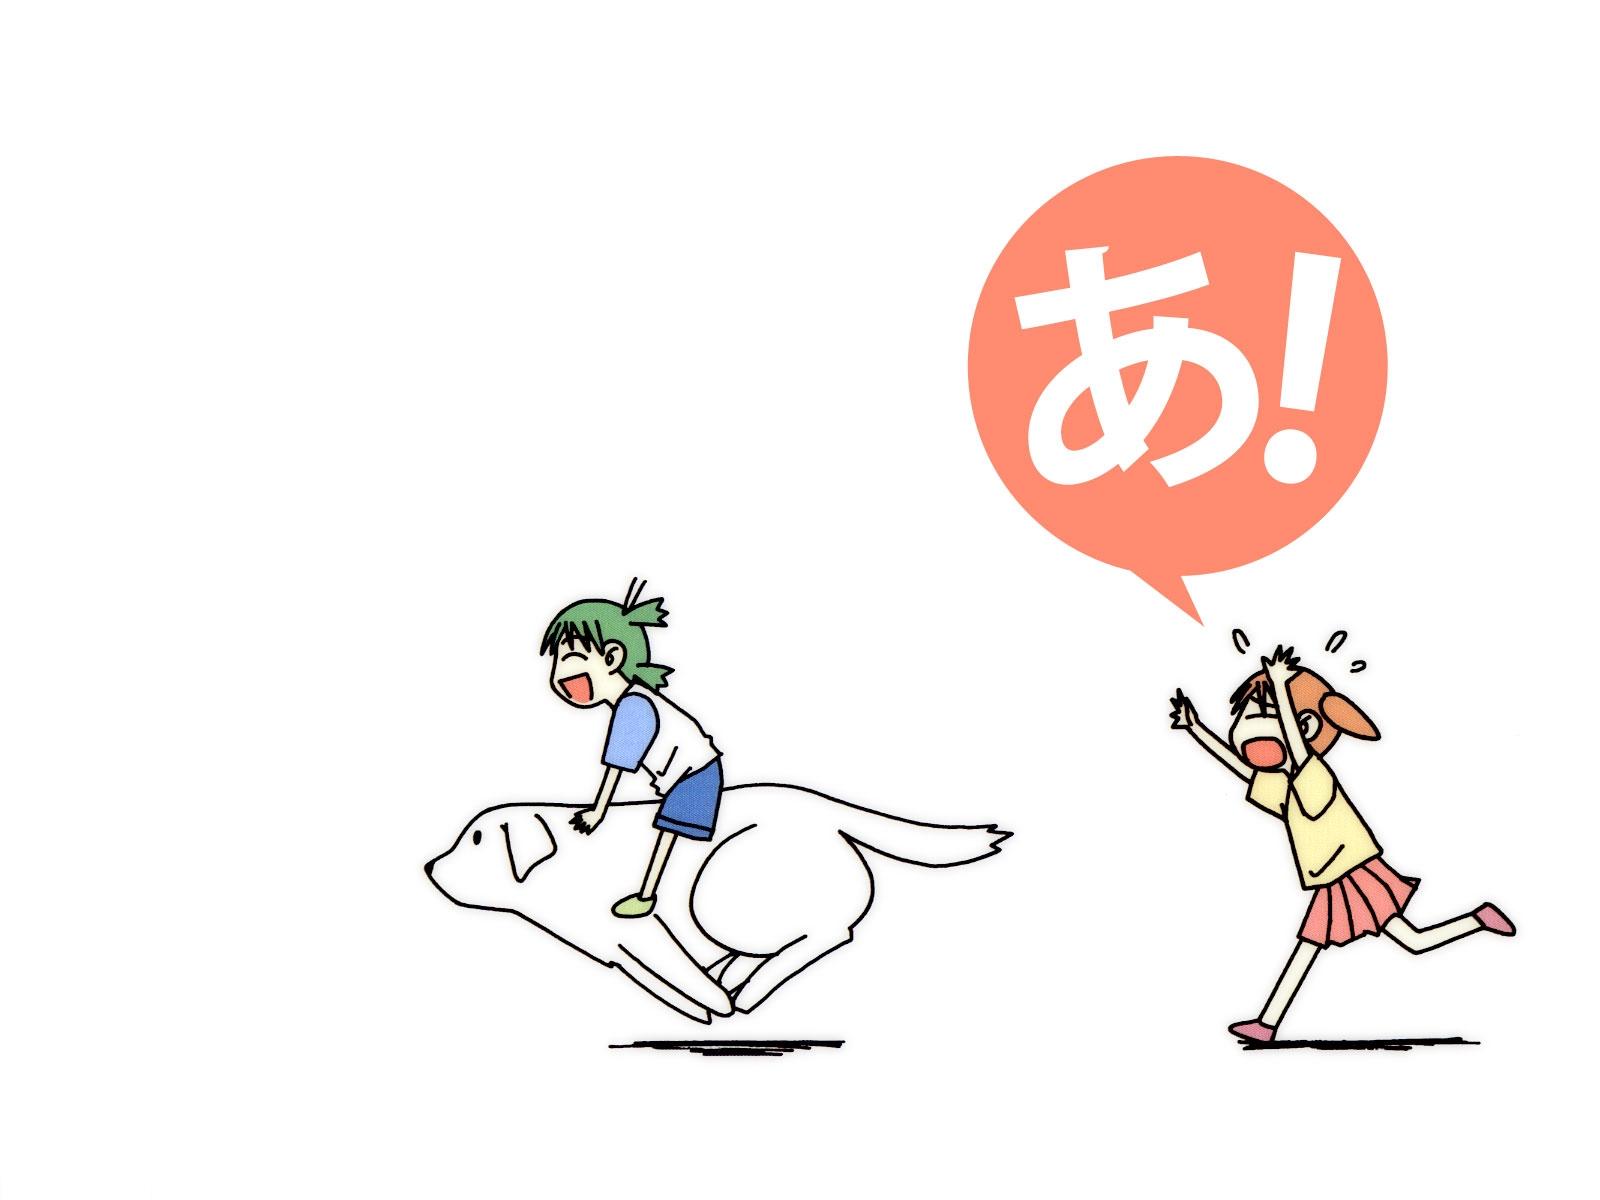 animal azuma_kiyohiko azumanga_daioh crossover dog koiwai_yotsuba mihama_chiyo tadakichi white yotsubato!